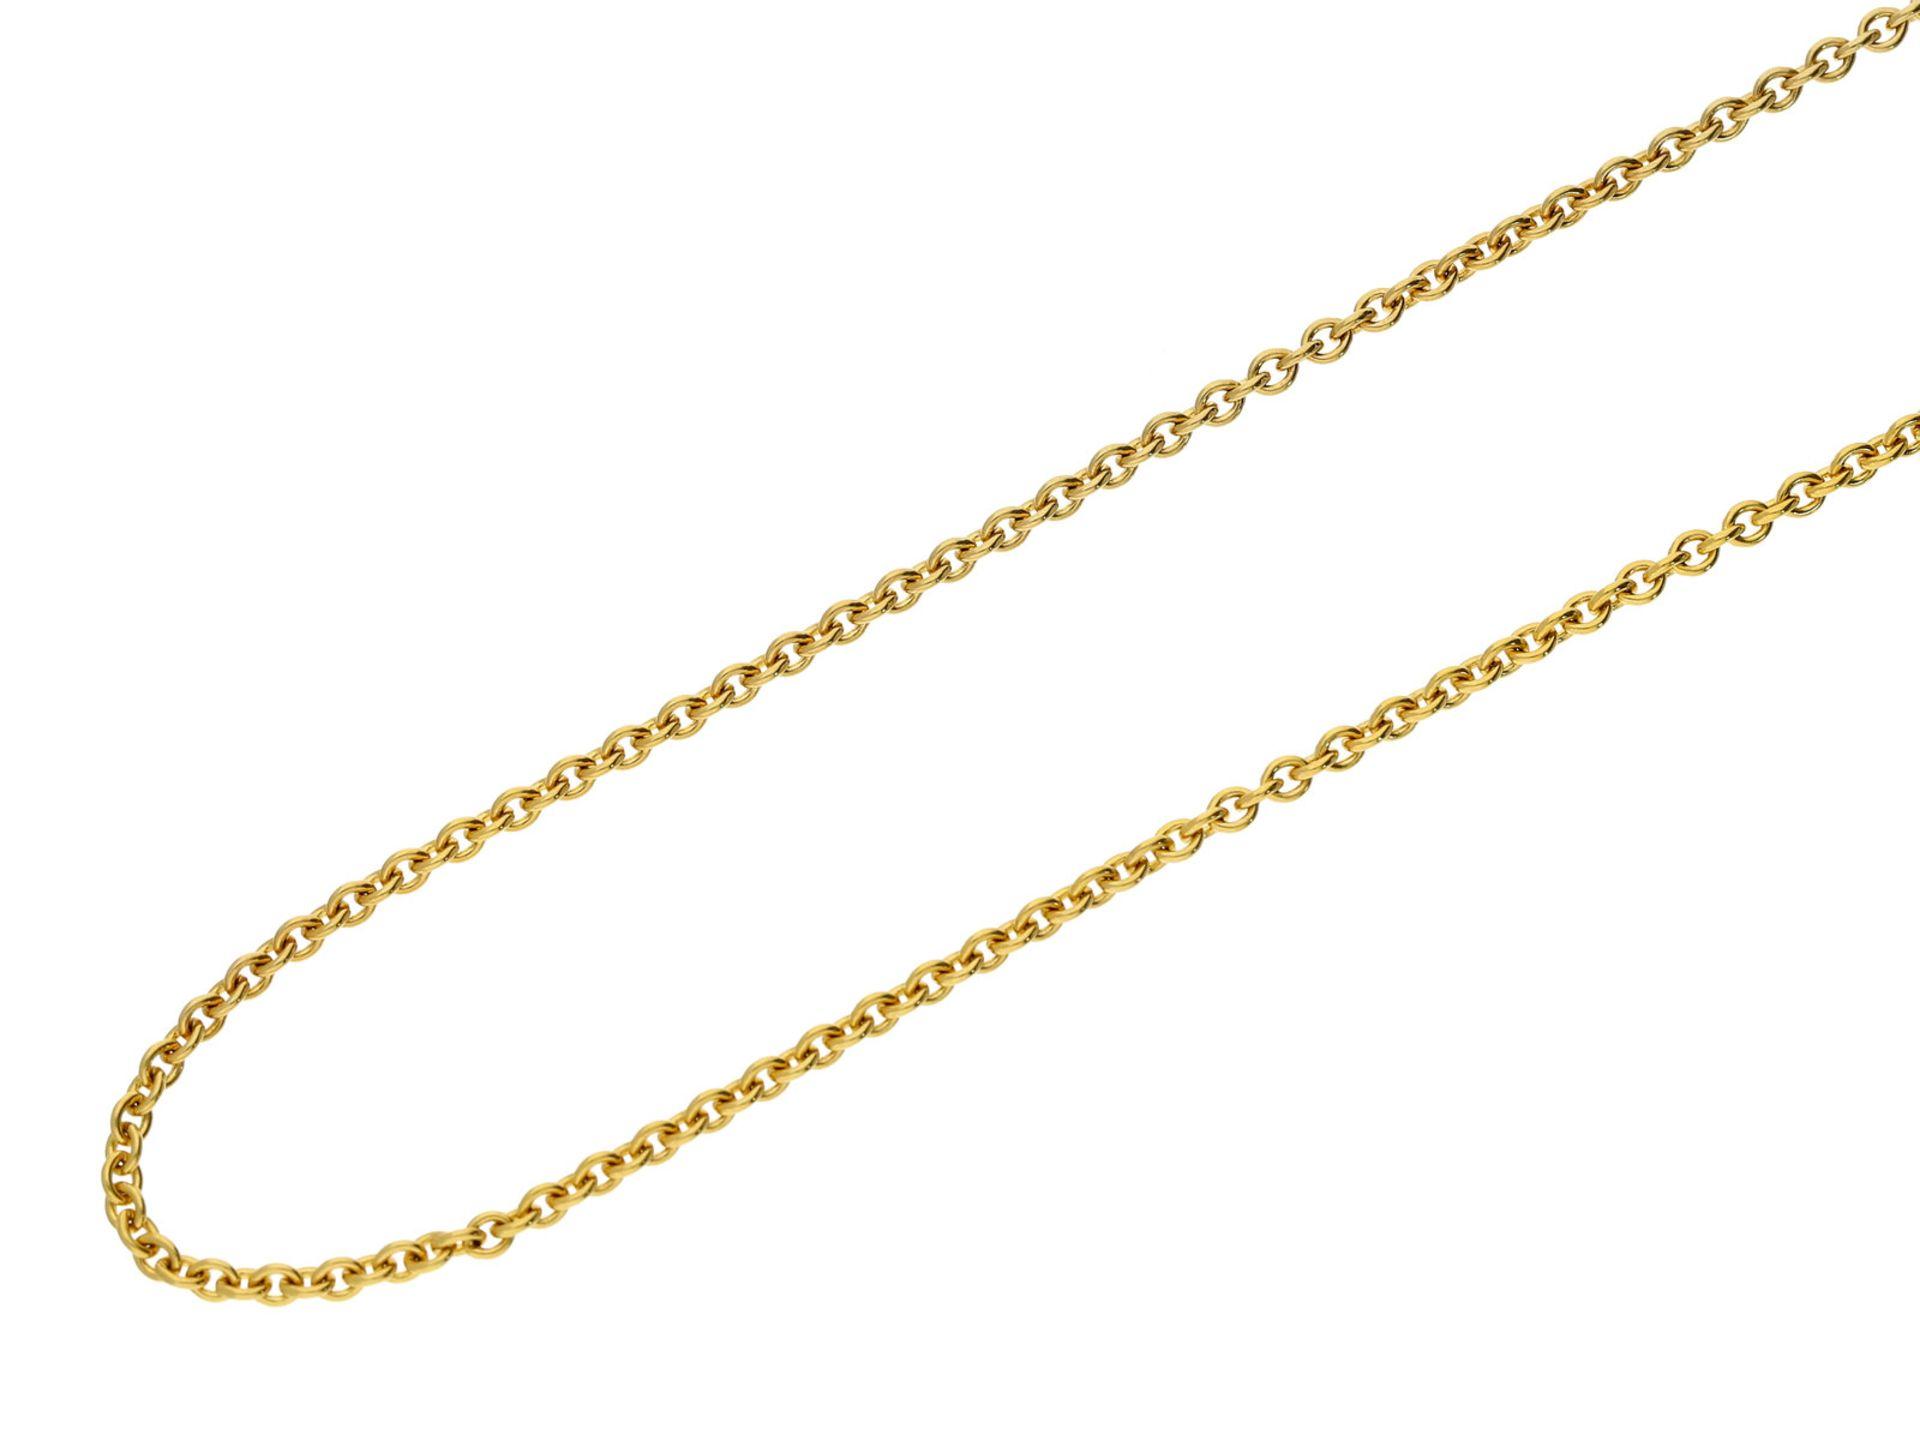 Kette/Collier: solide gefertigte Collierkette im AnkermusterCa. 70cm lang, ca. 10,5g, 14K Gold,